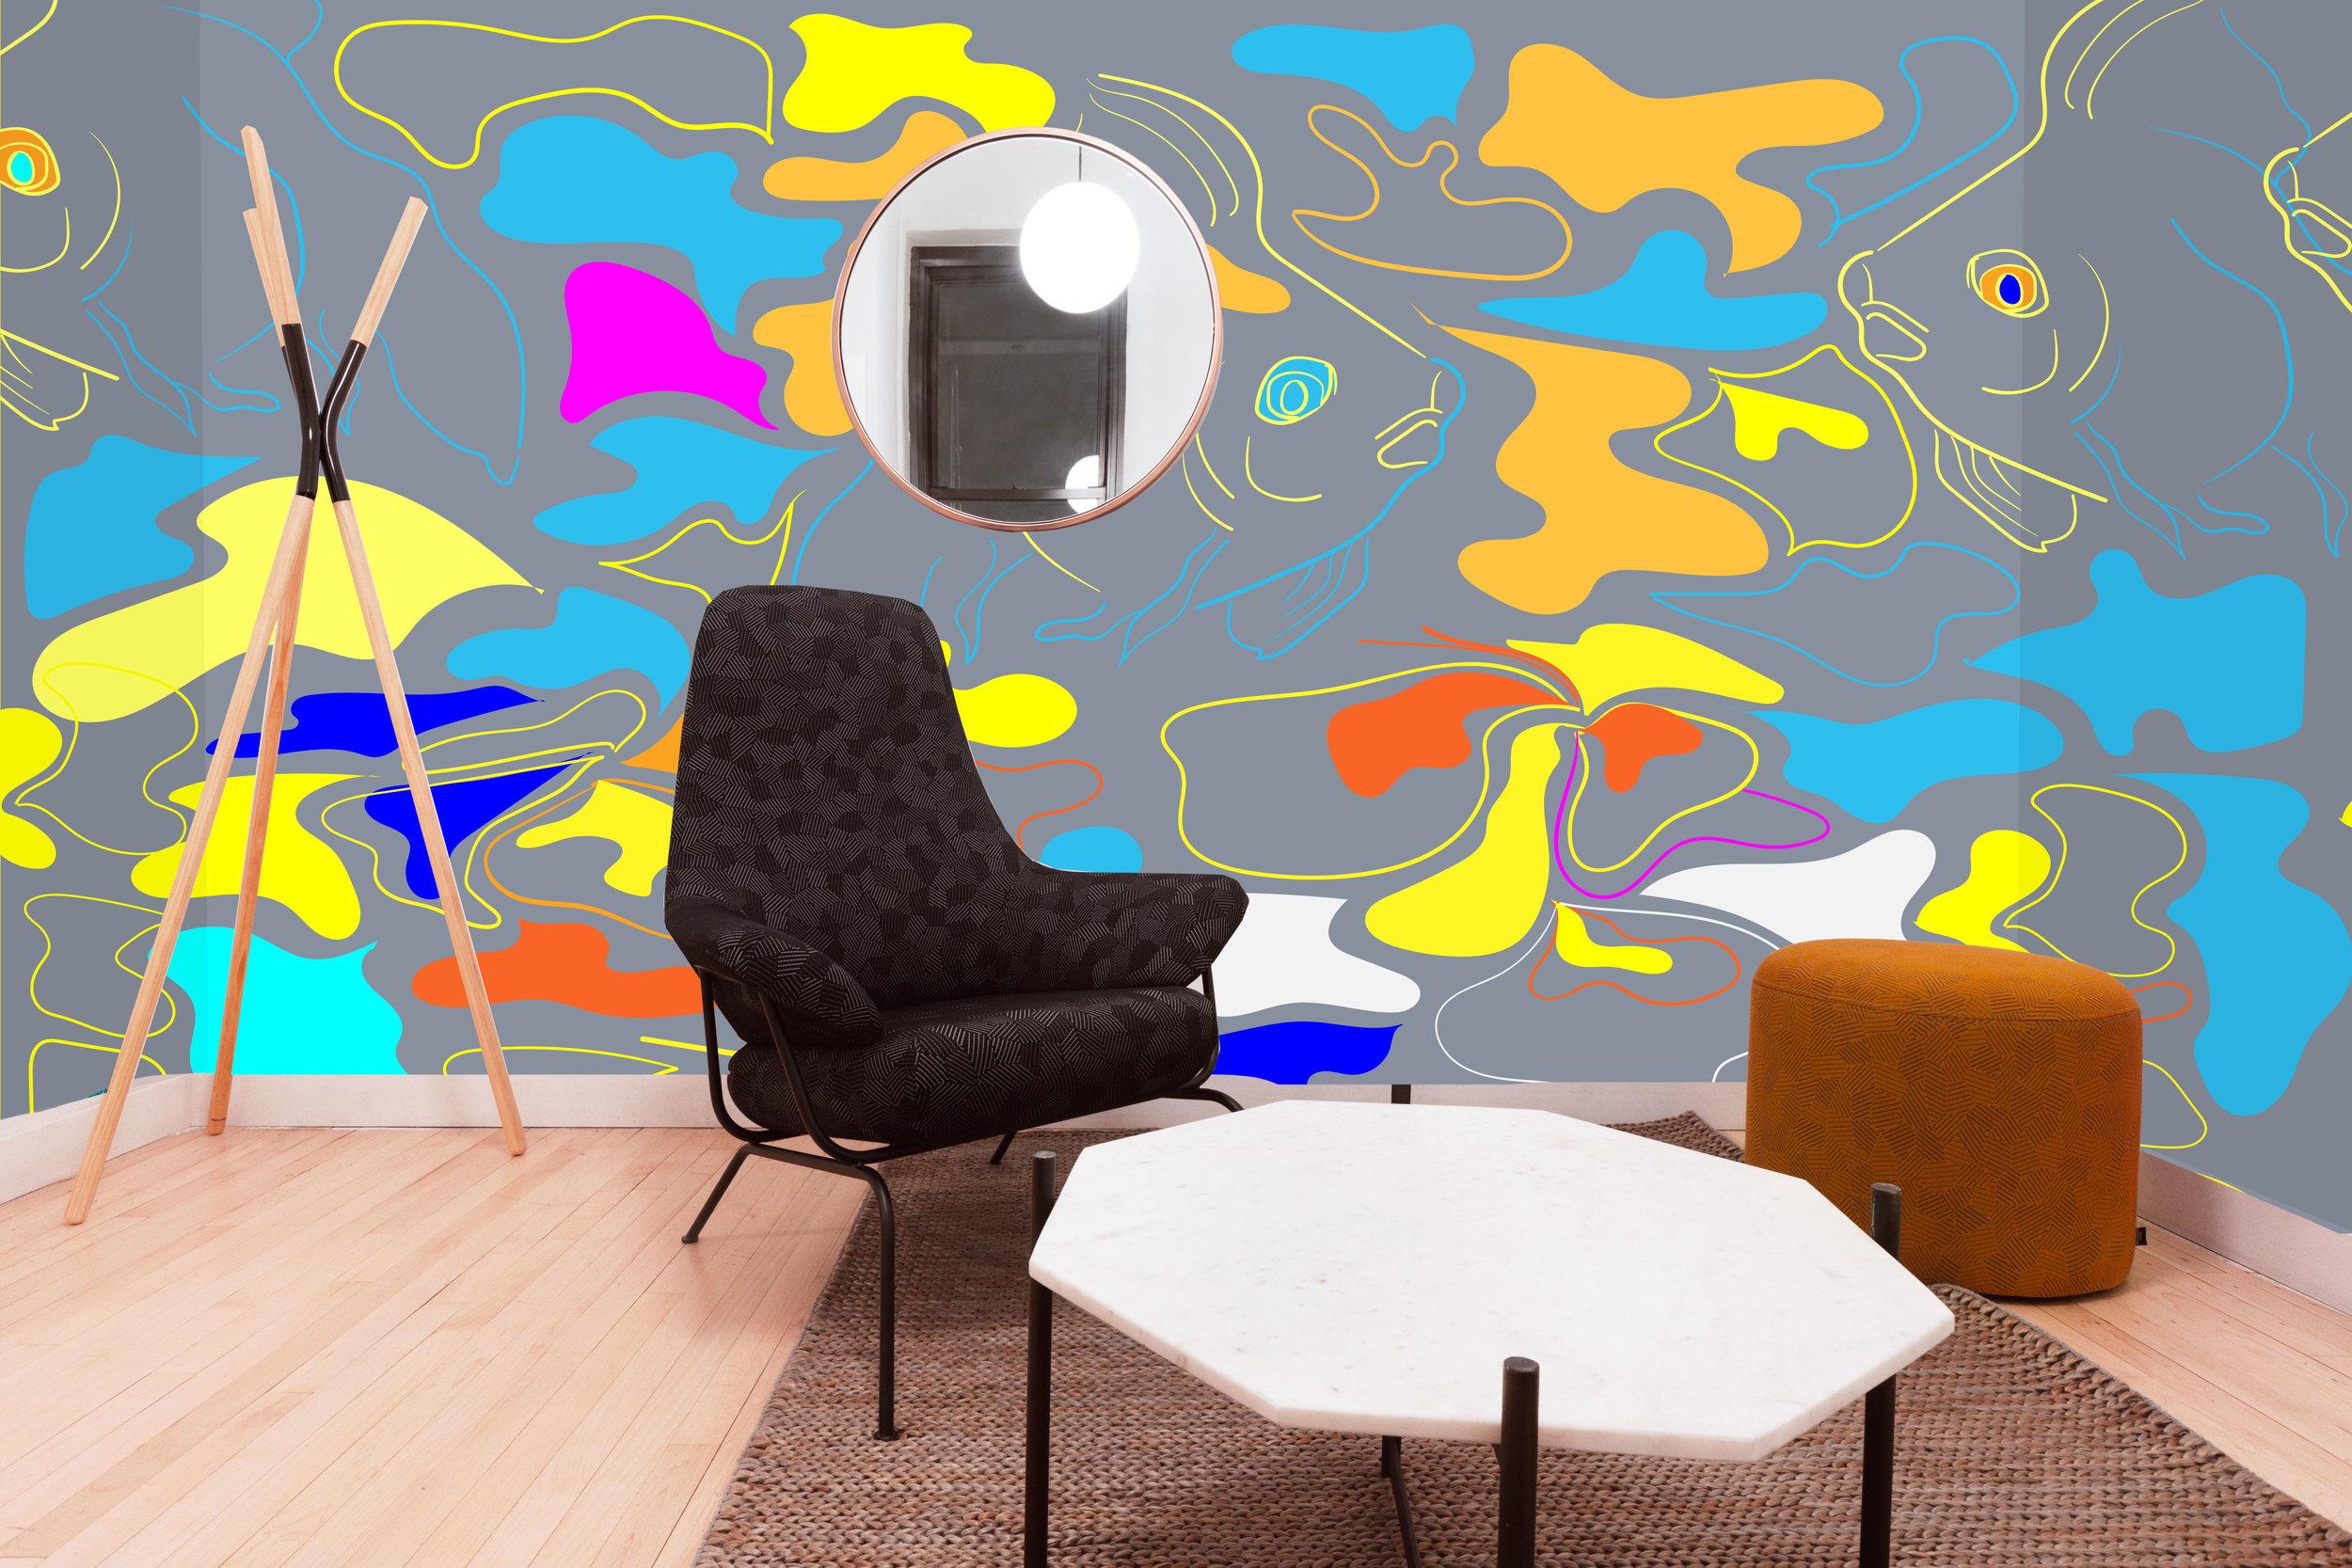 Wallpaper_Mockup.jpg